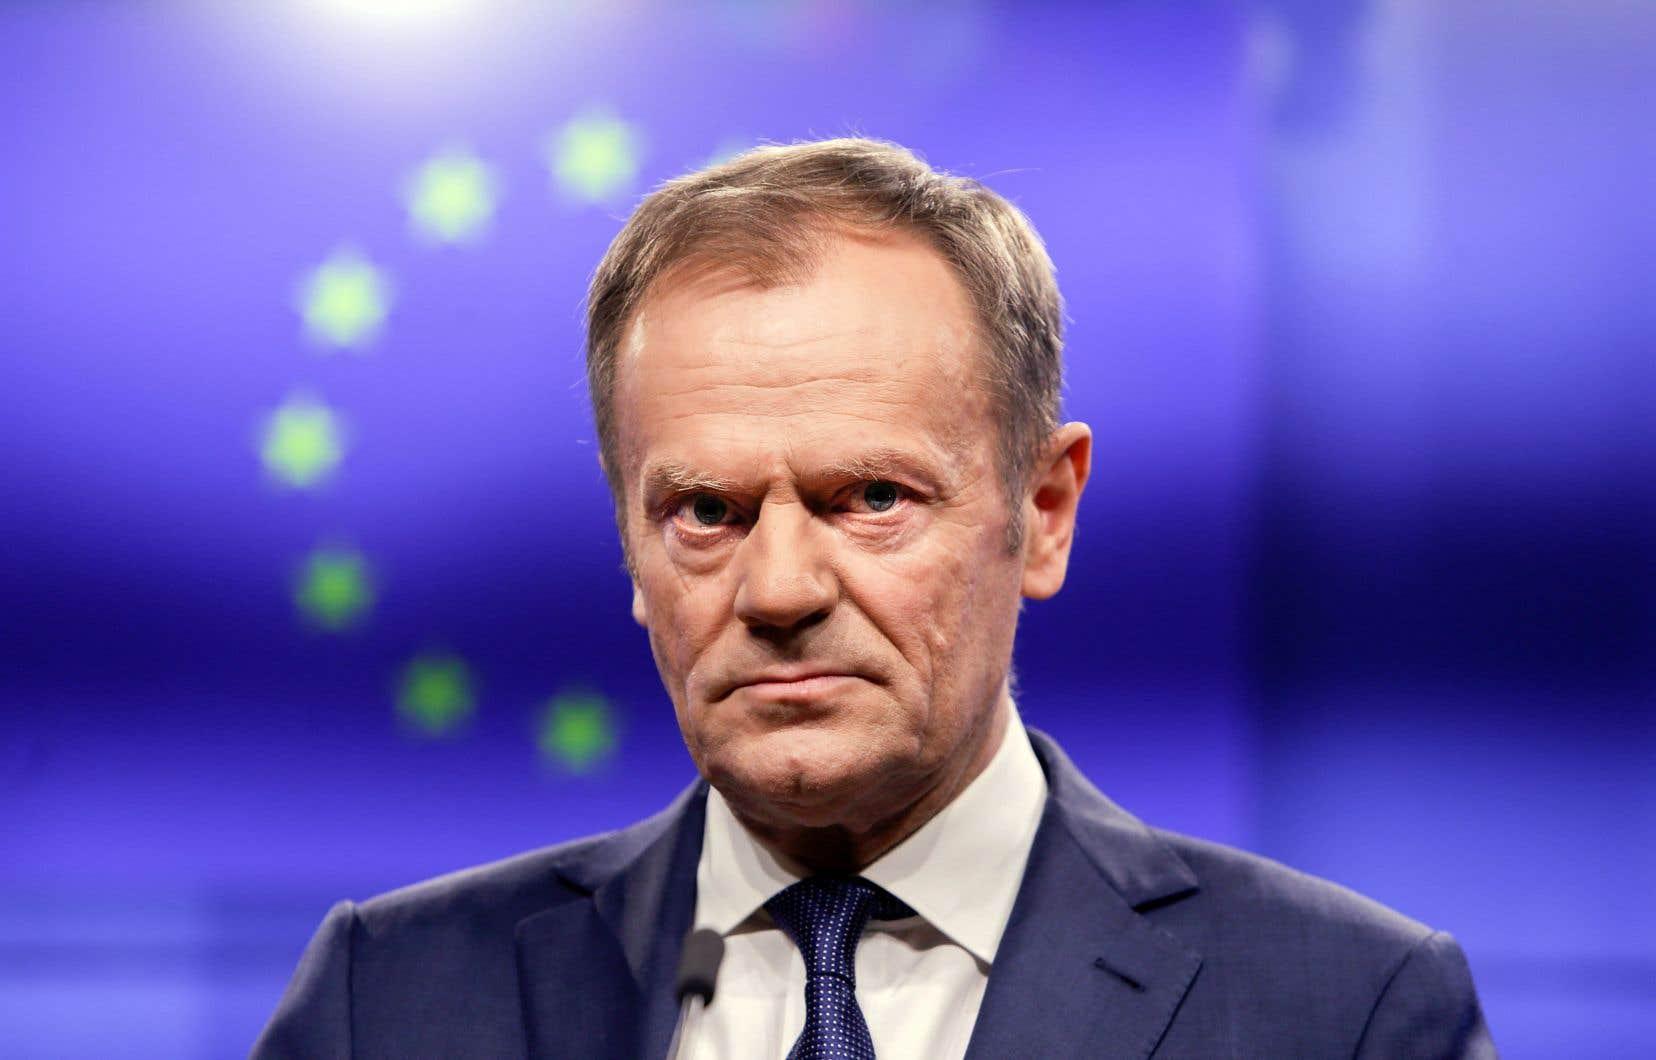 La déclaration du président de la Commission européenne, Donald Tusk, a fait de l'ombre à sa rencontre avec le premier ministre irlandais, mercredi, à Bruxelles.